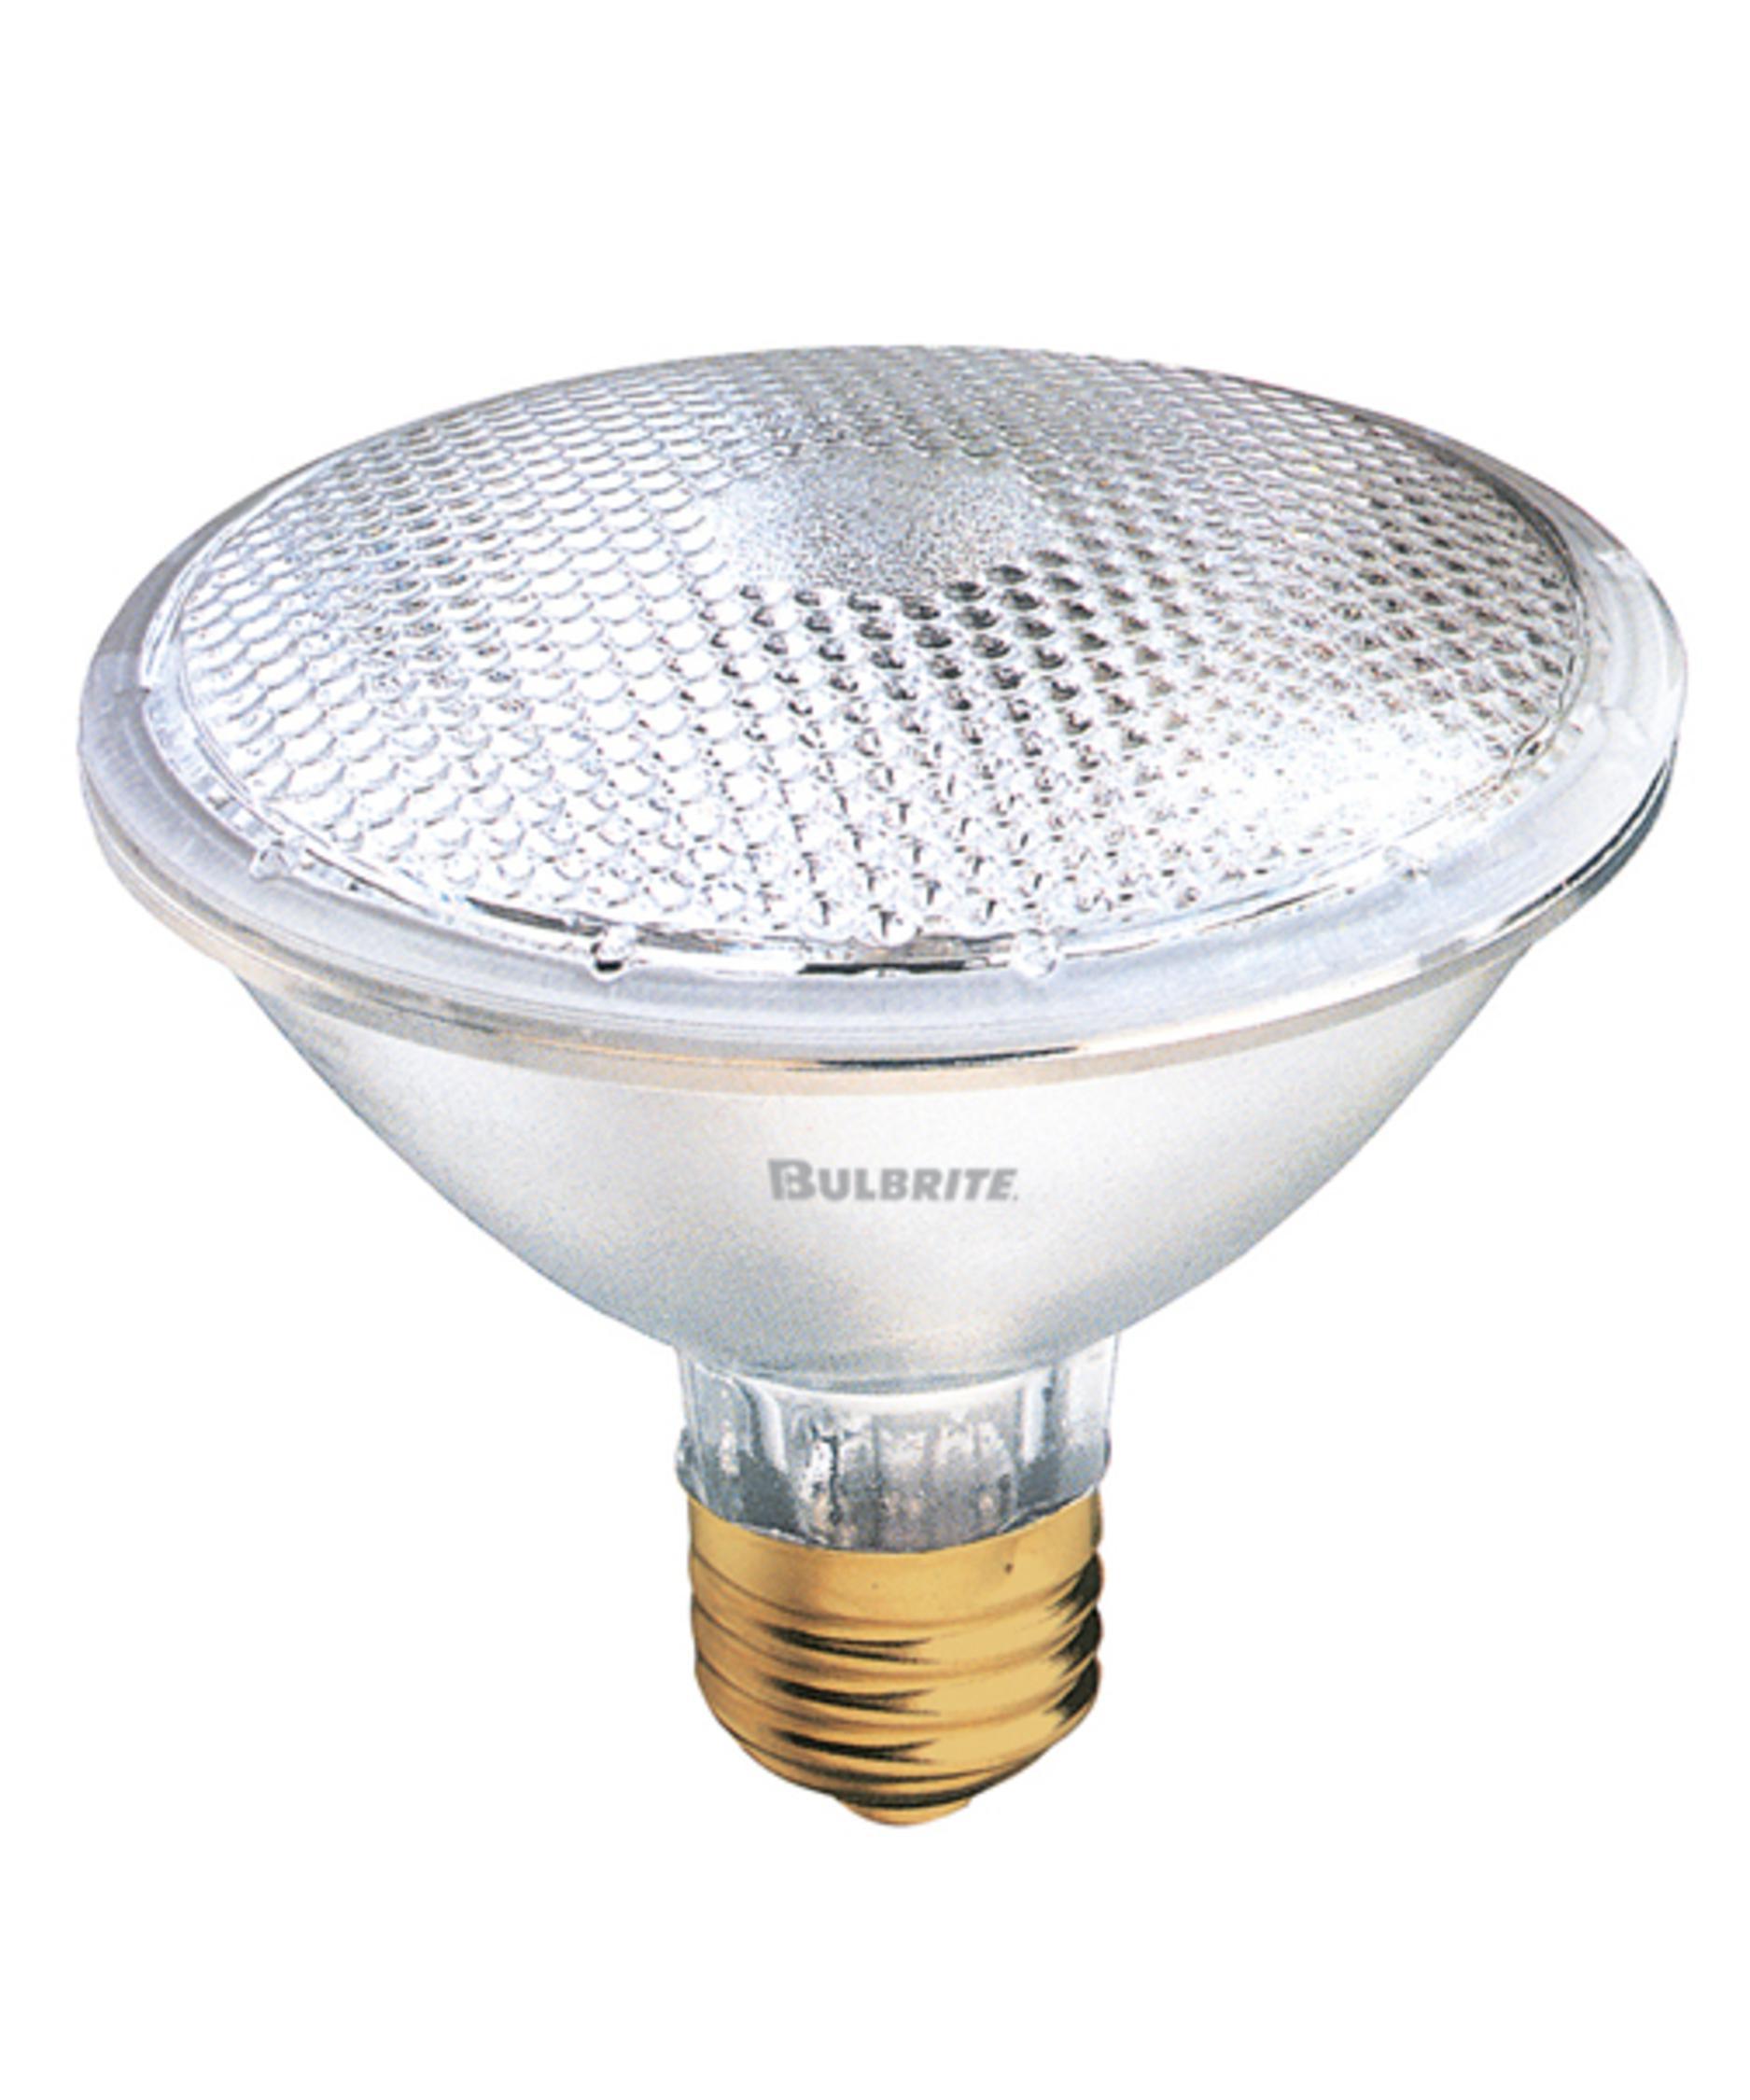 bulbrite h75par30nf 75 watt 120 volt clear par30 halogen. Black Bedroom Furniture Sets. Home Design Ideas